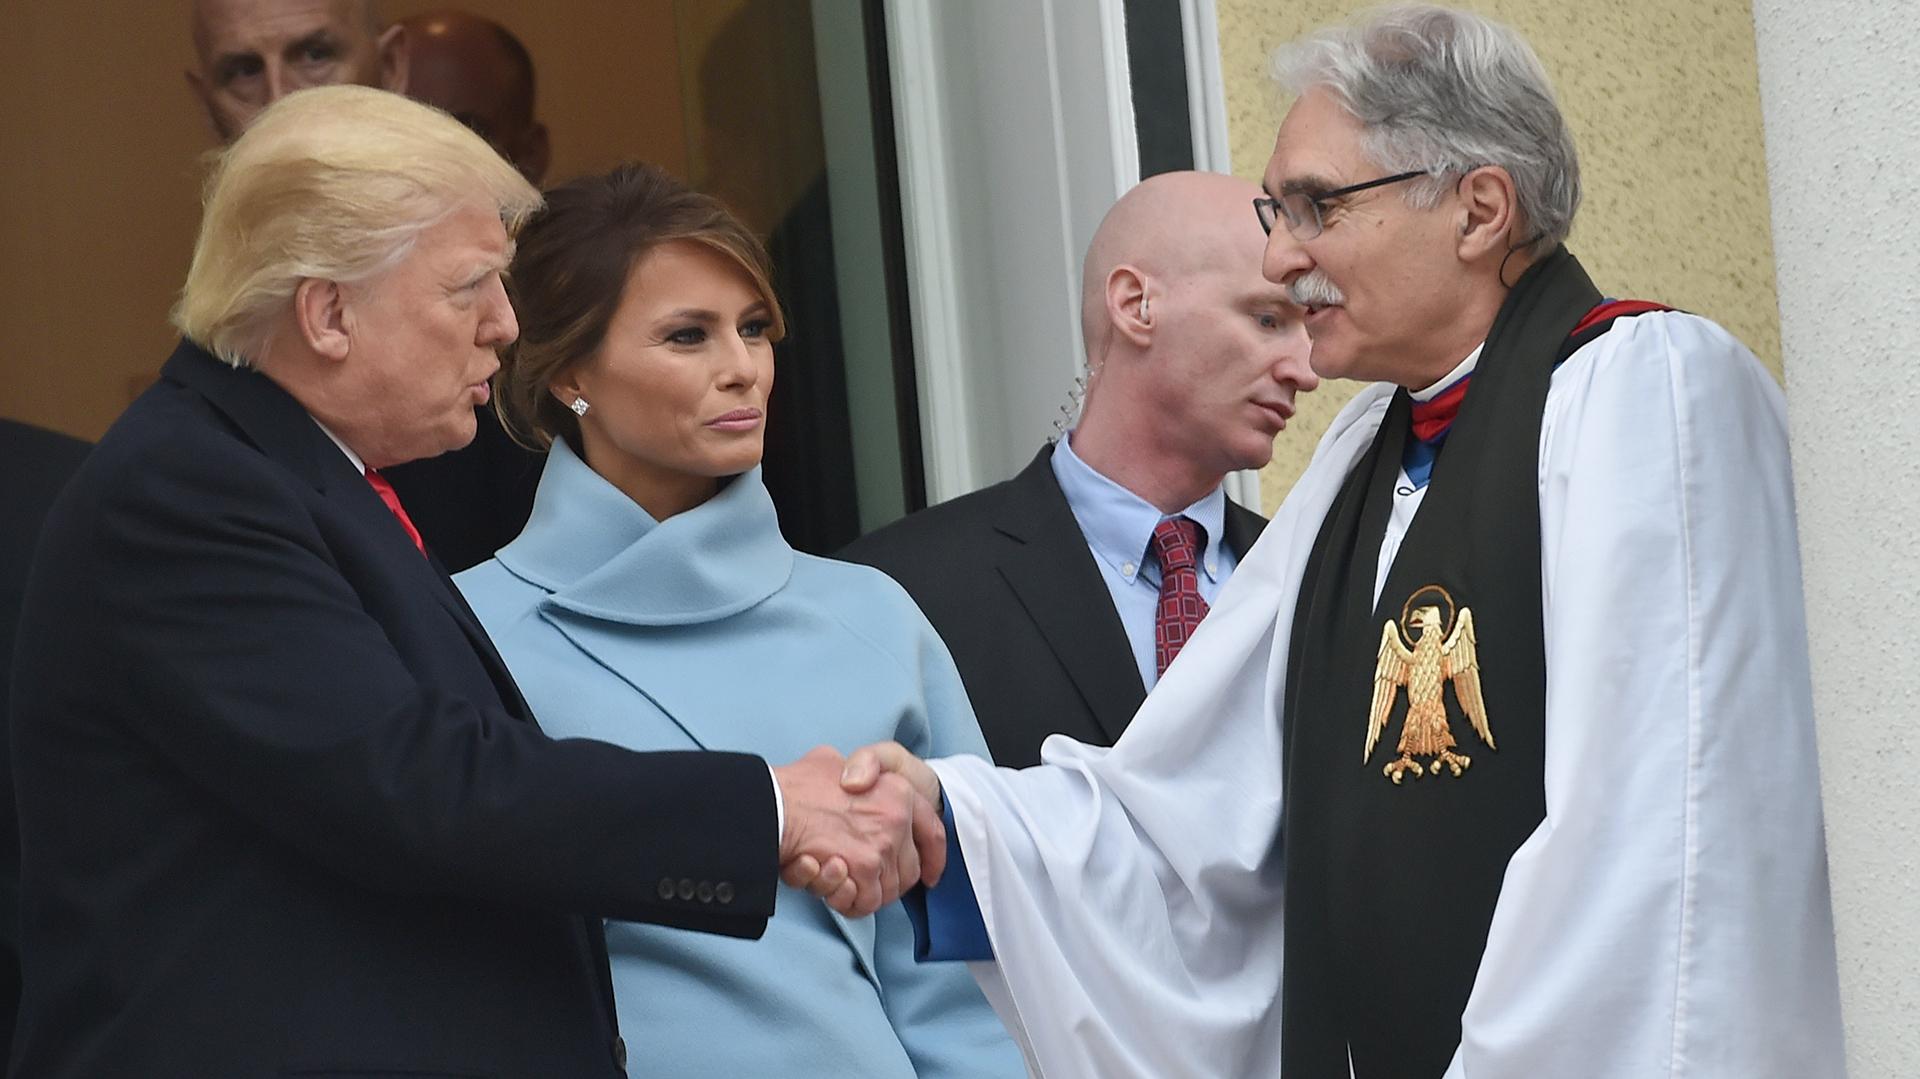 Donald y Melania Trump conversan con el Reverendo Luis Leon, a la salida de la Iglesia Episcopal St. John